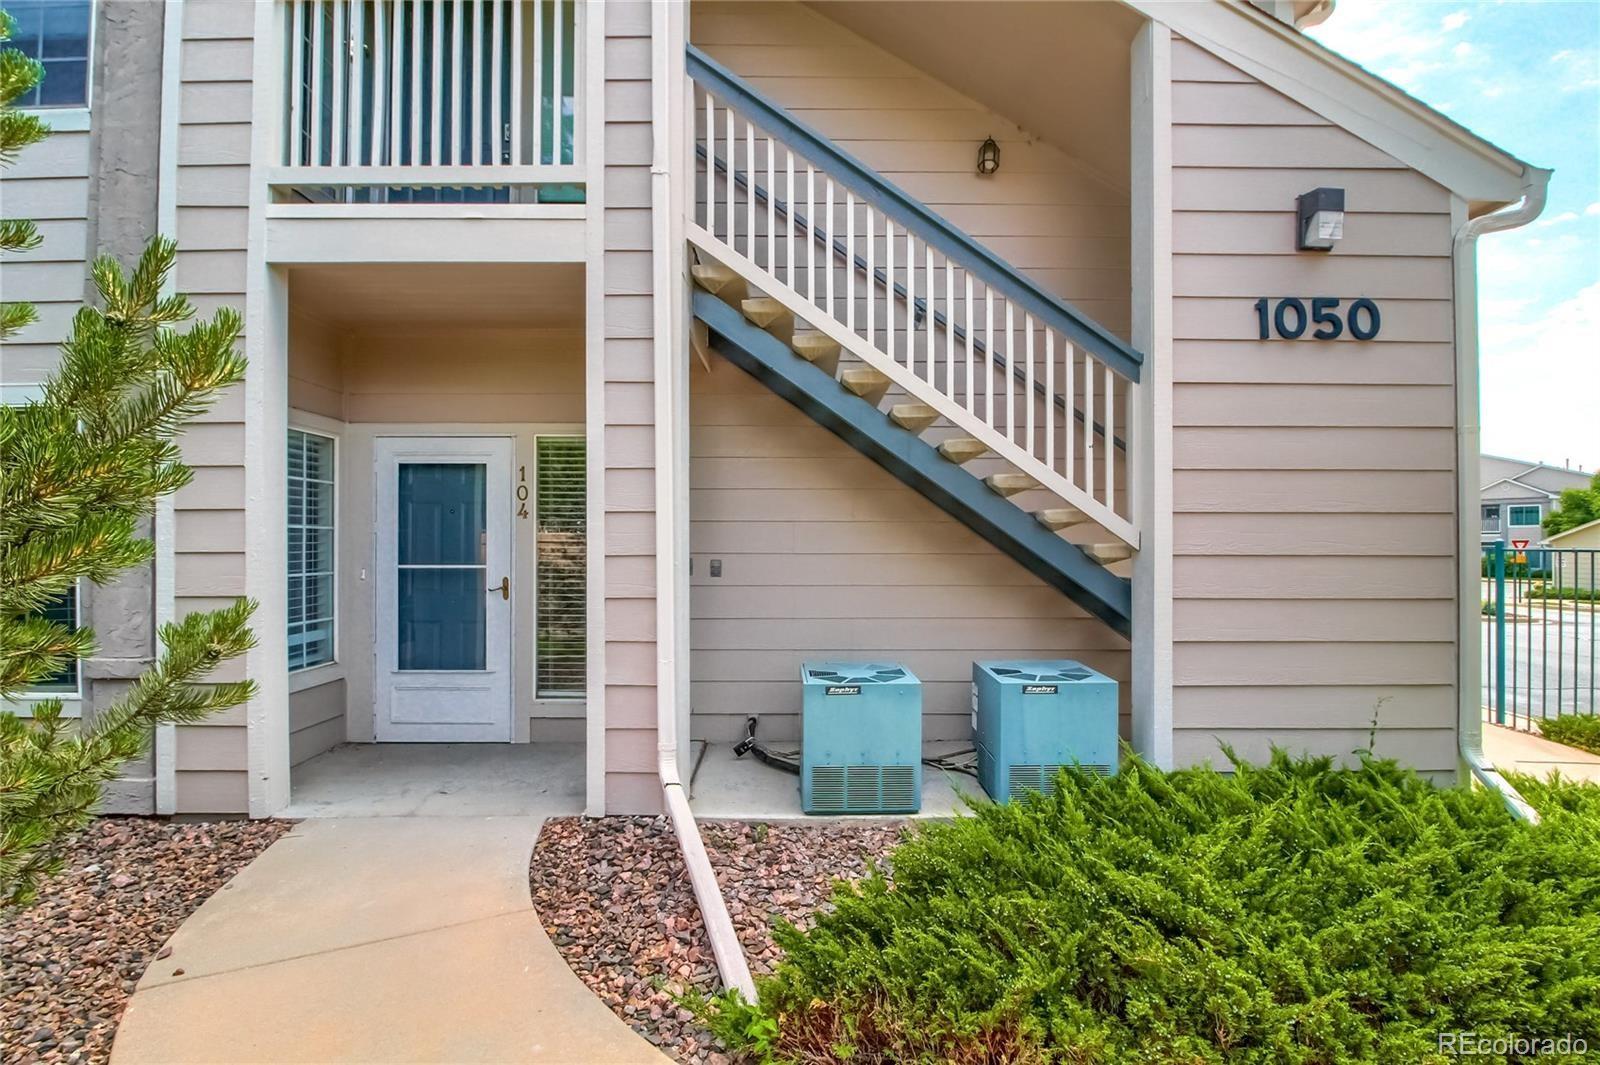 MLS# 2117268 - 3 - 1050 Opal Street #104, Broomfield, CO 80020